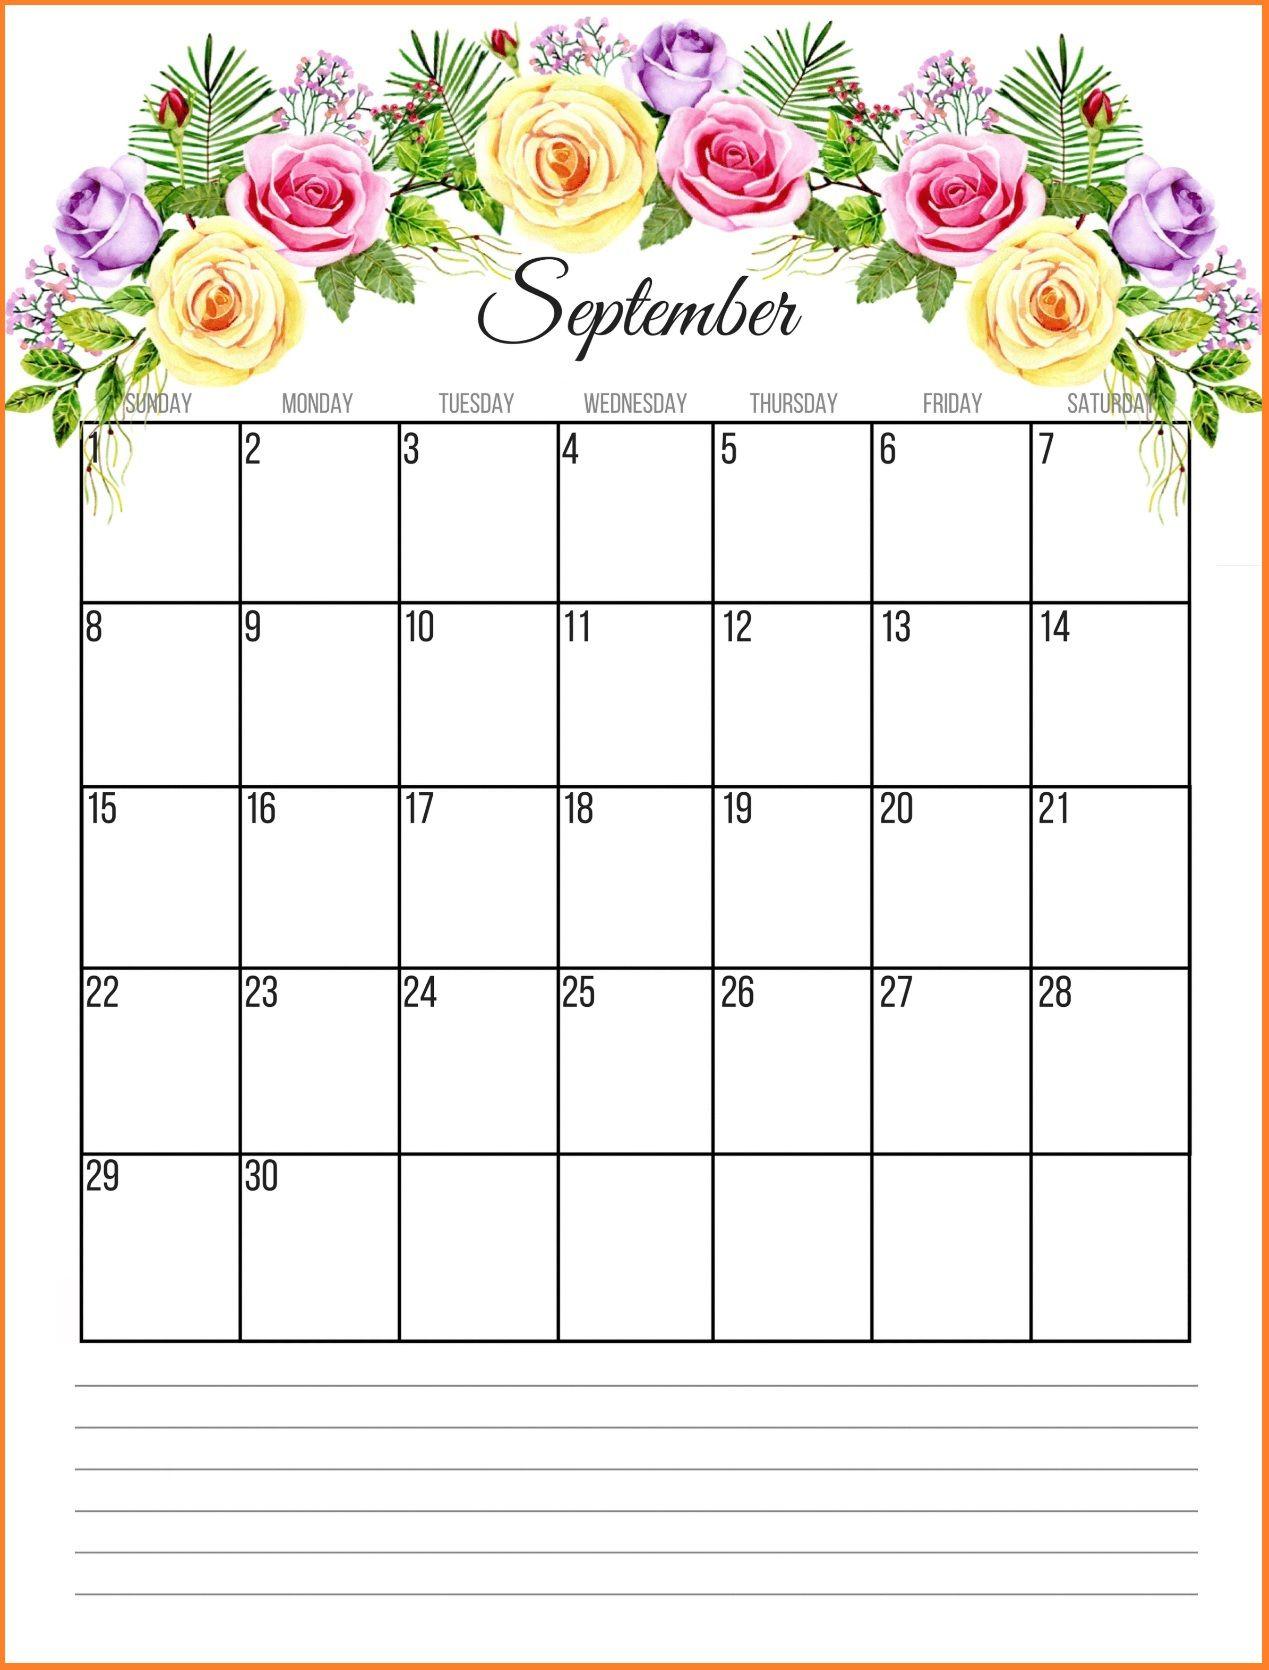 Cute September 2019 Floral Calendar